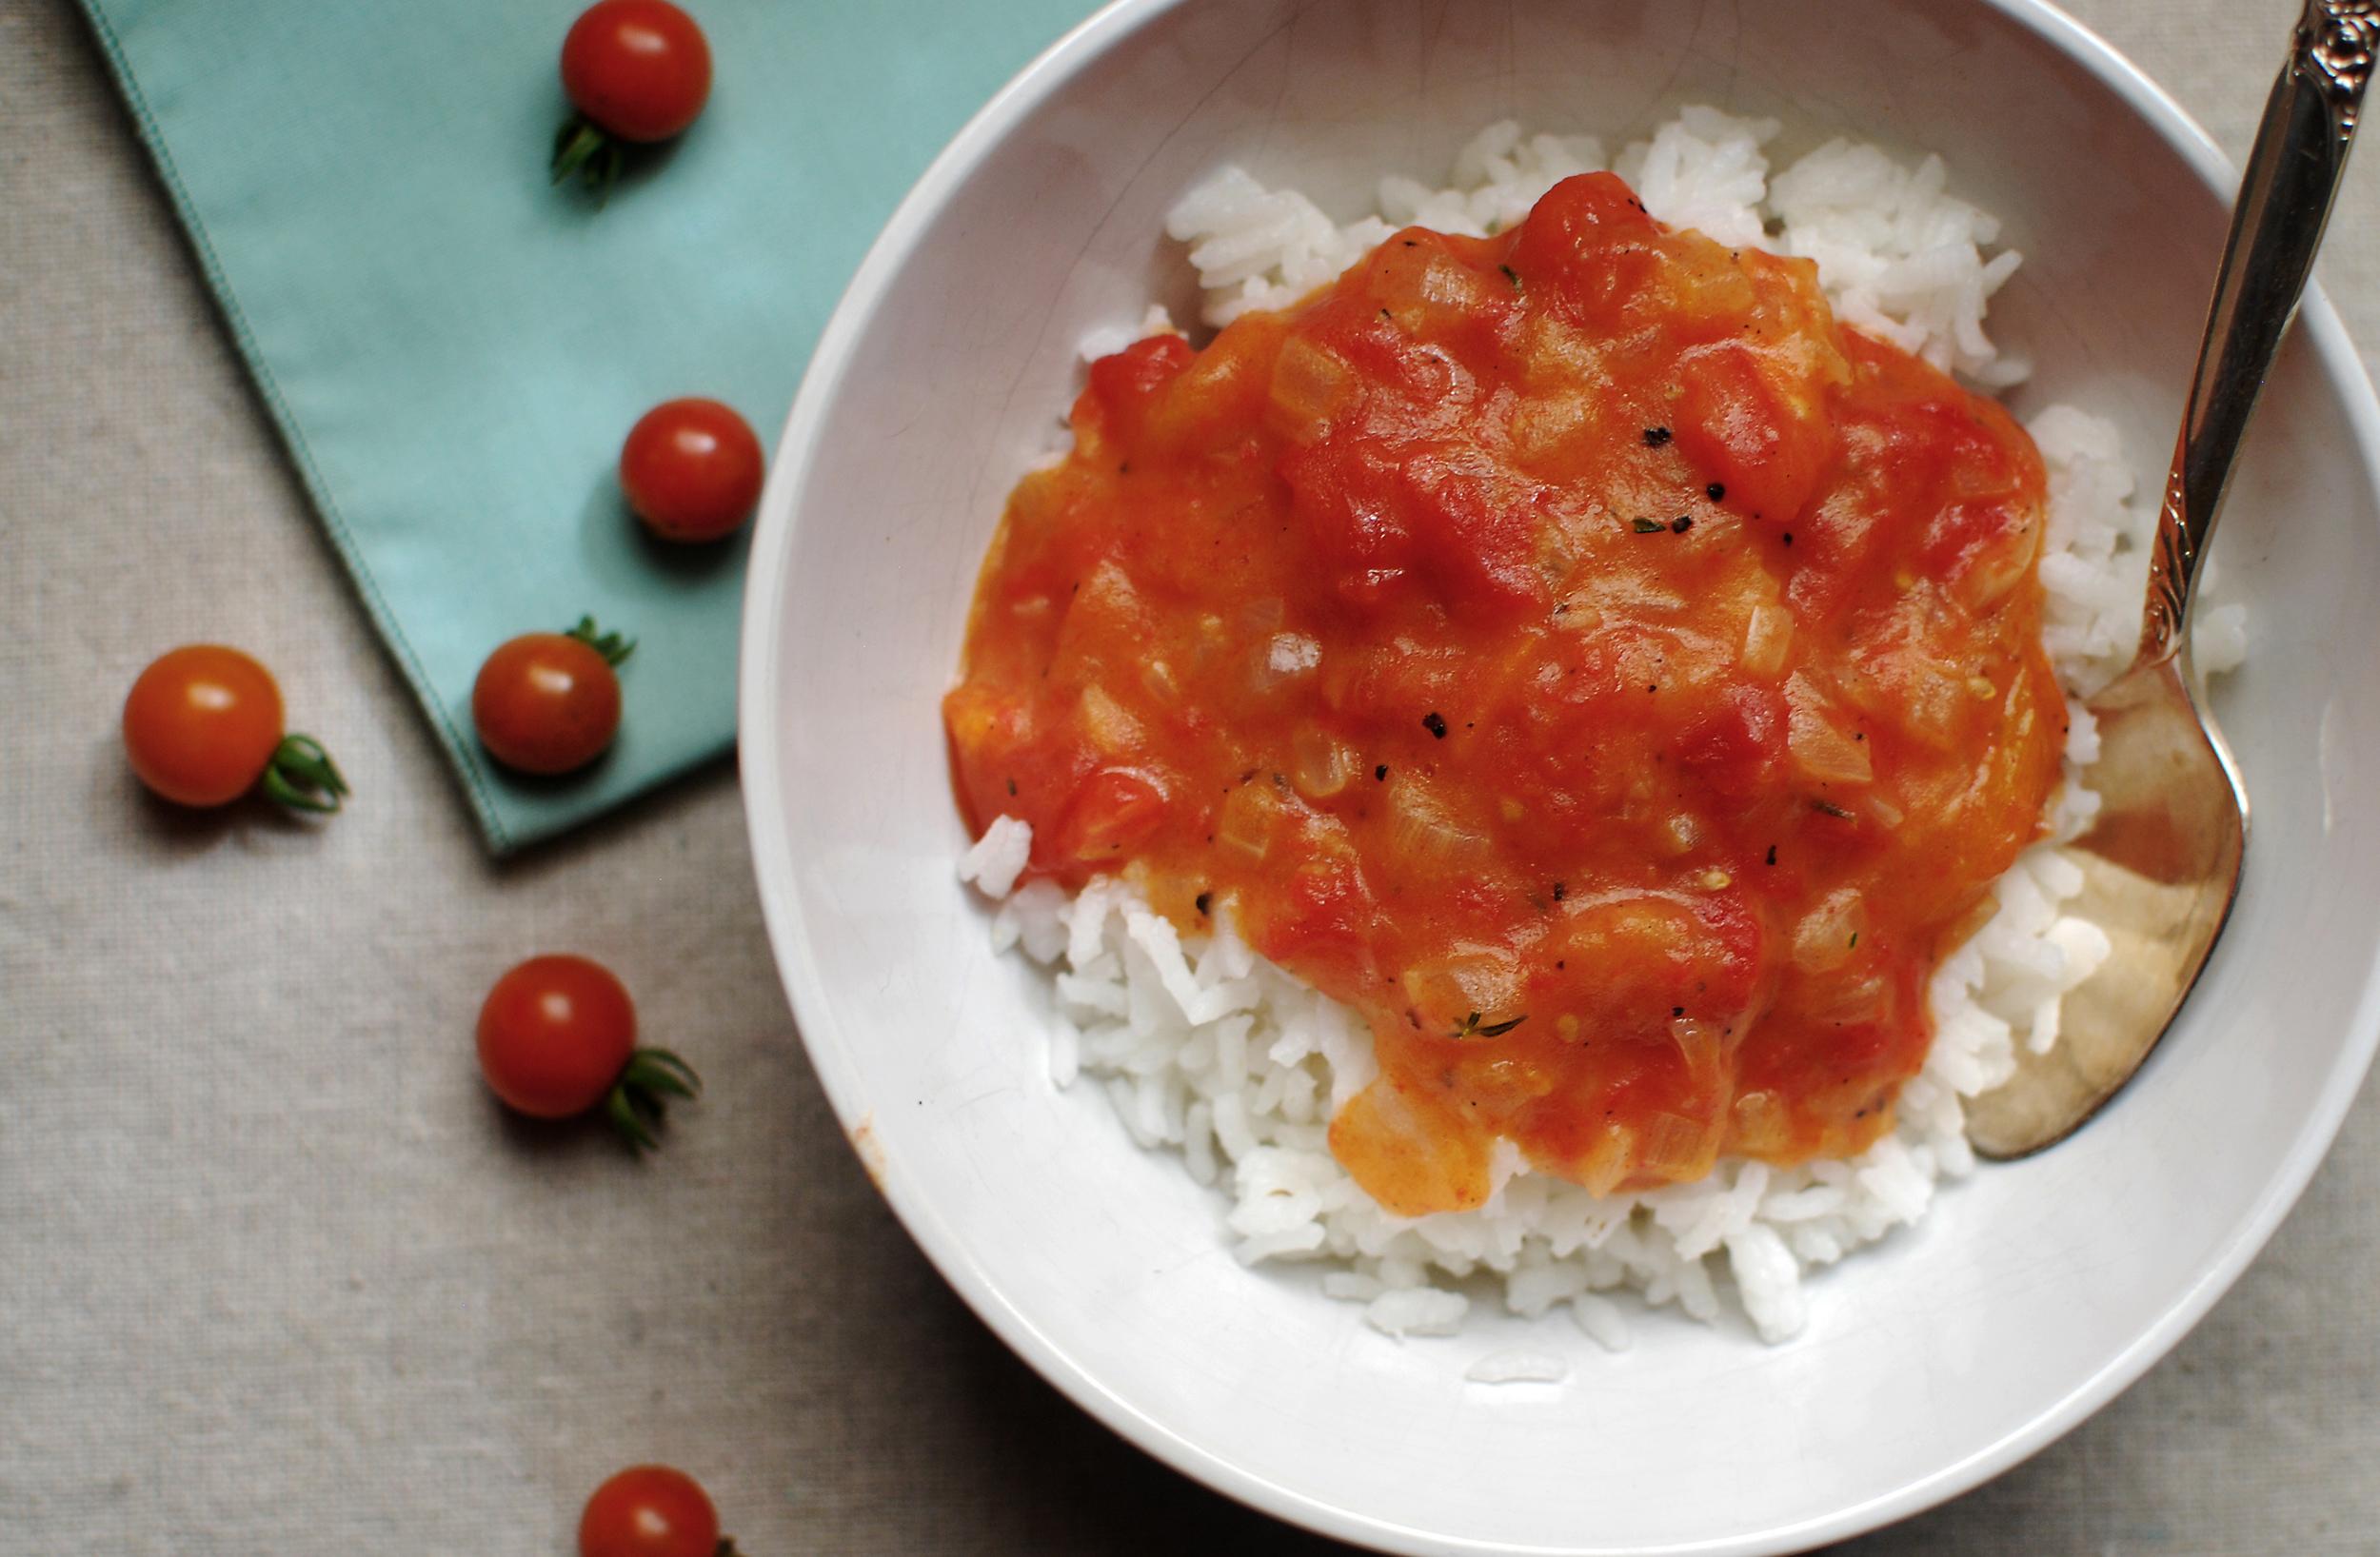 073014 Tomato Gravy LIV 94.jpg